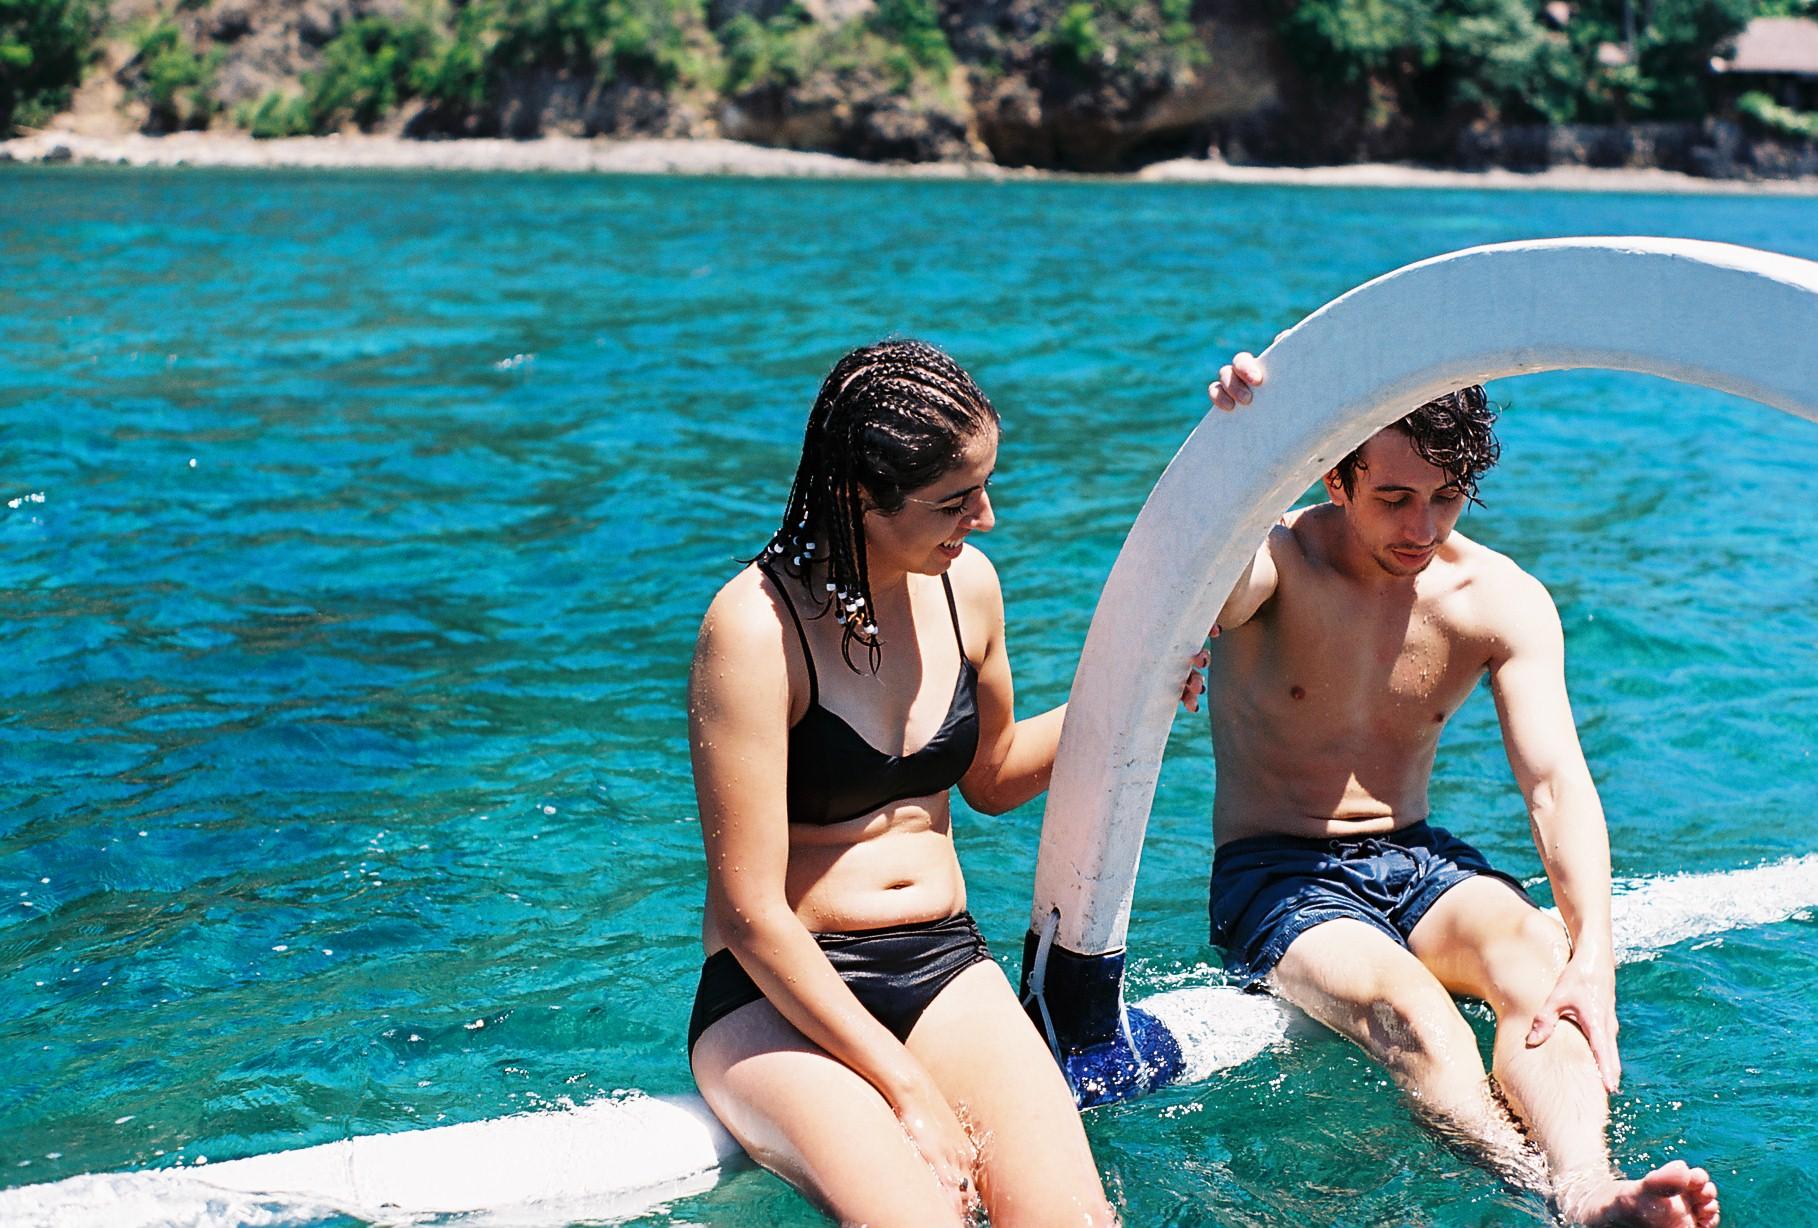 Padangbai Bali Friends Analogue Travel Photography